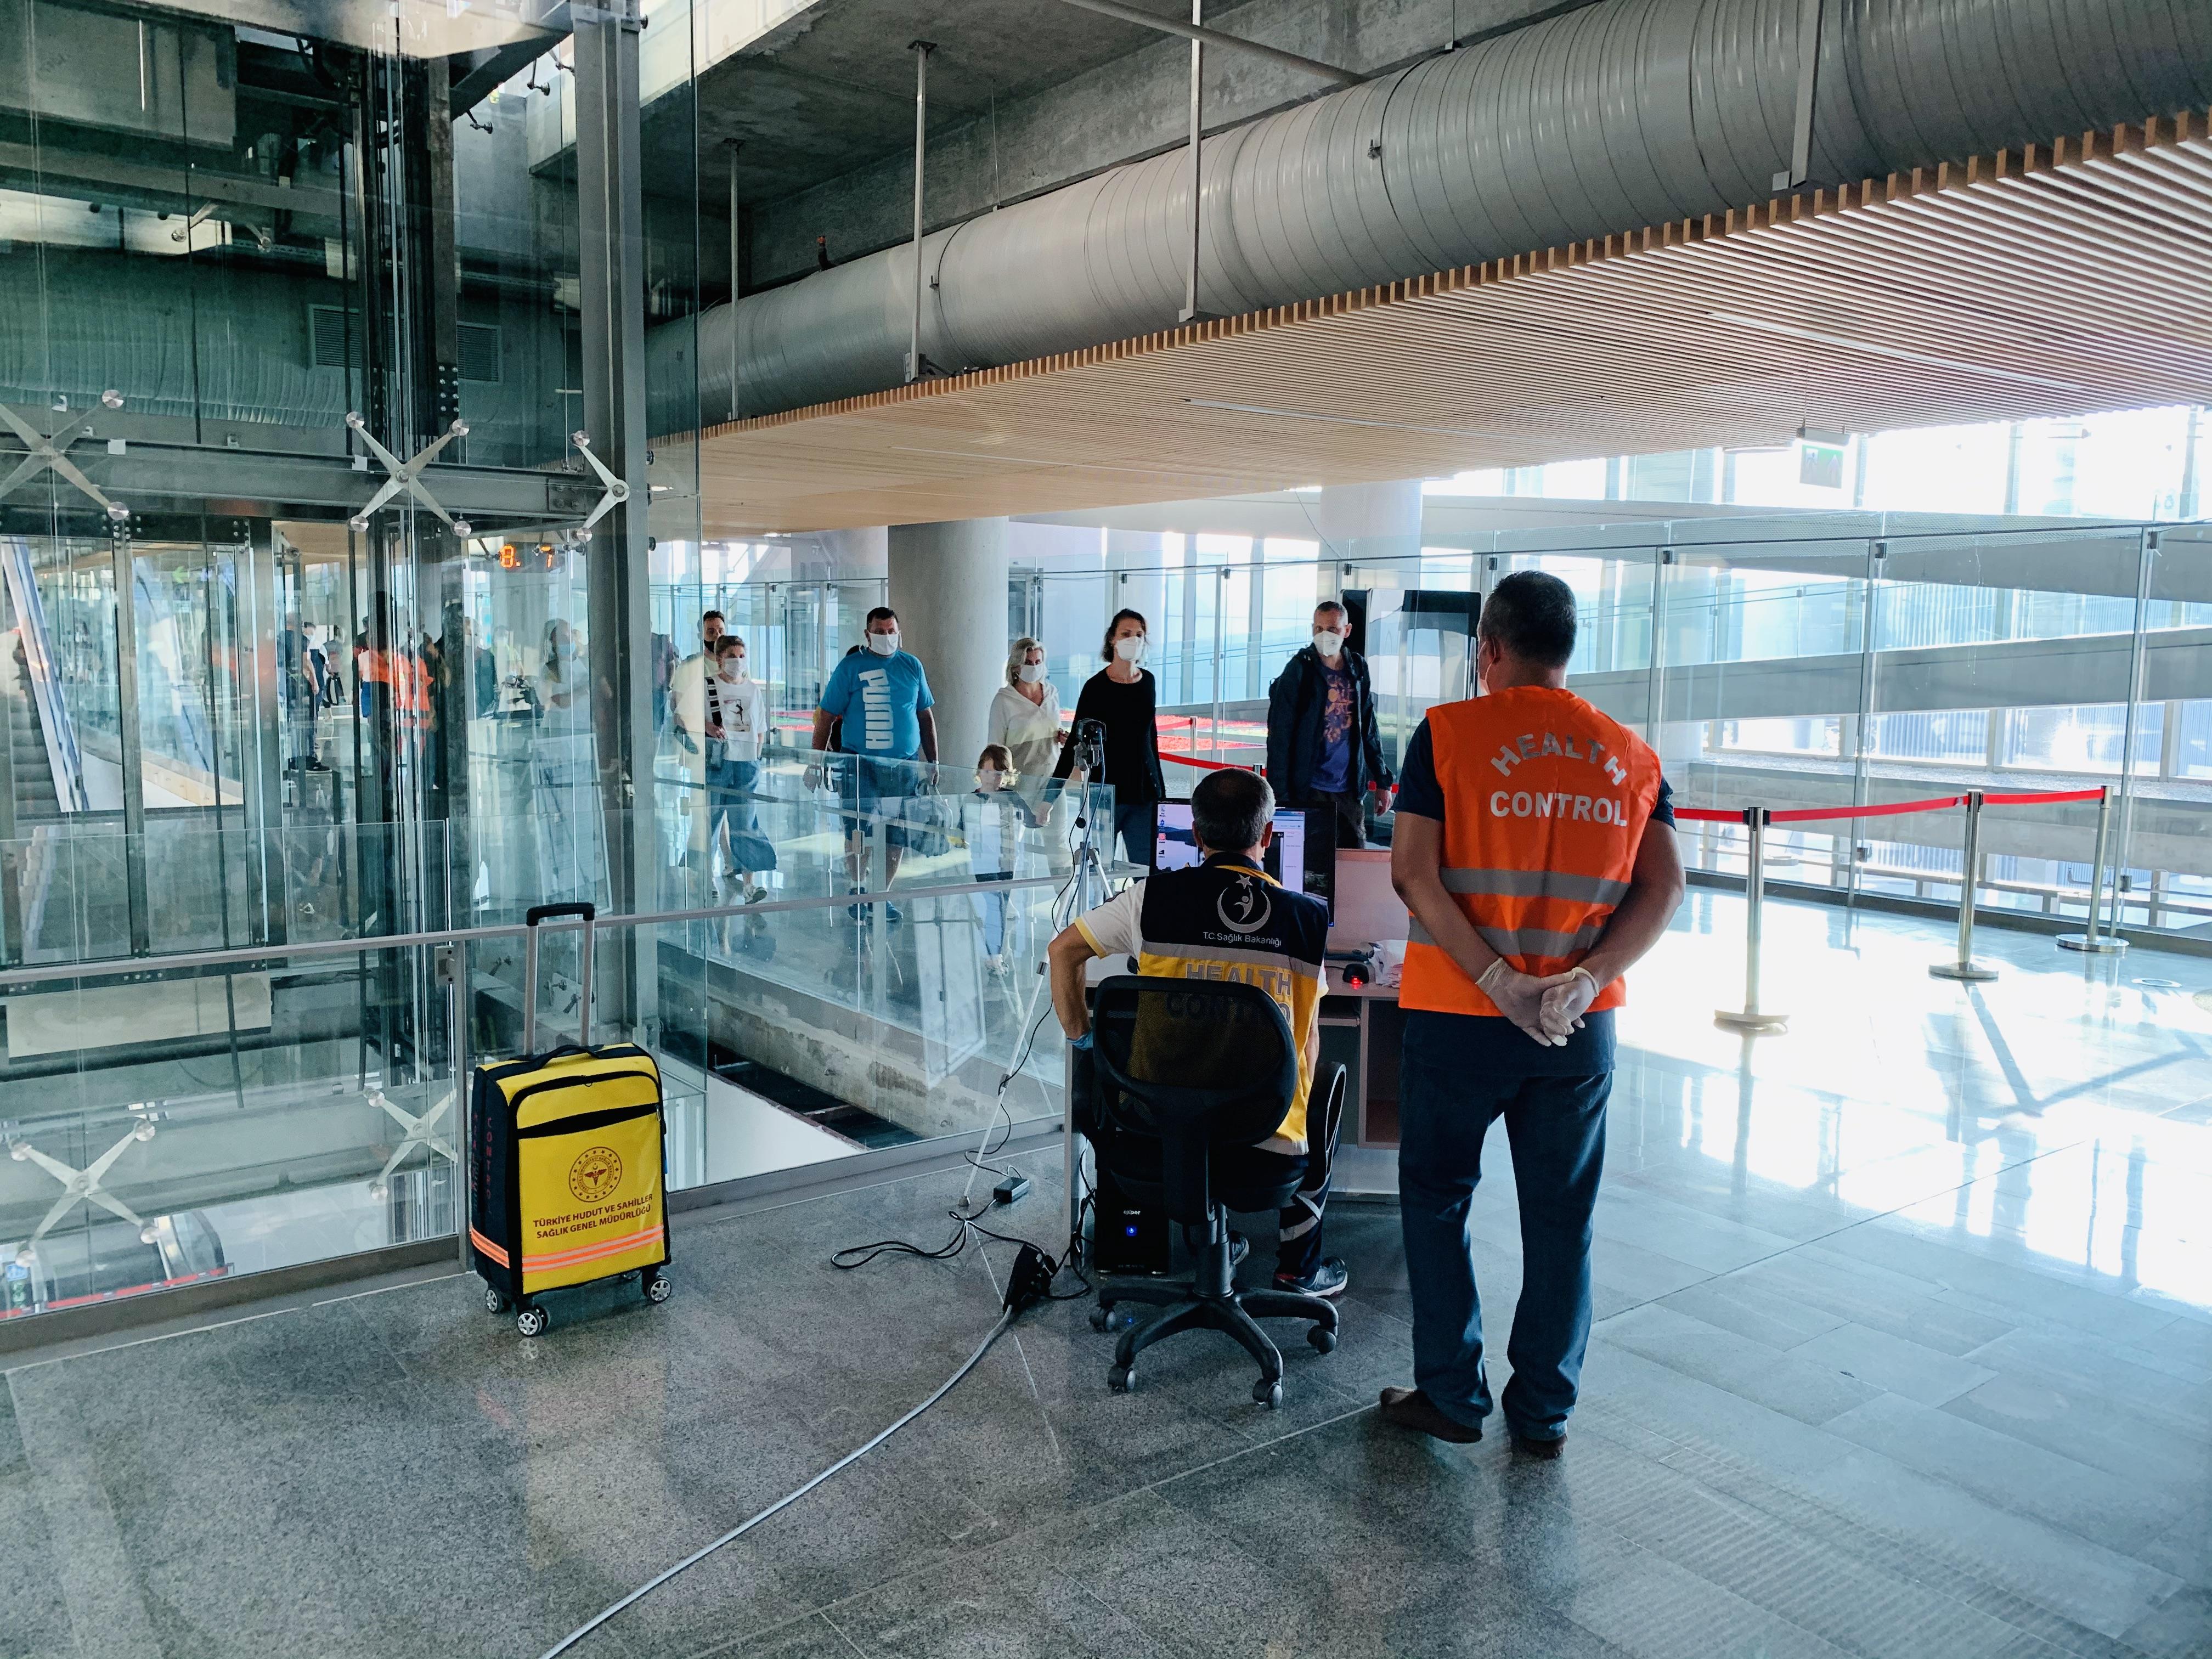 Ковид не пройдет. Служба безопасности аэропорта «Даламан» увидит каждого гостя с повышенной температурой